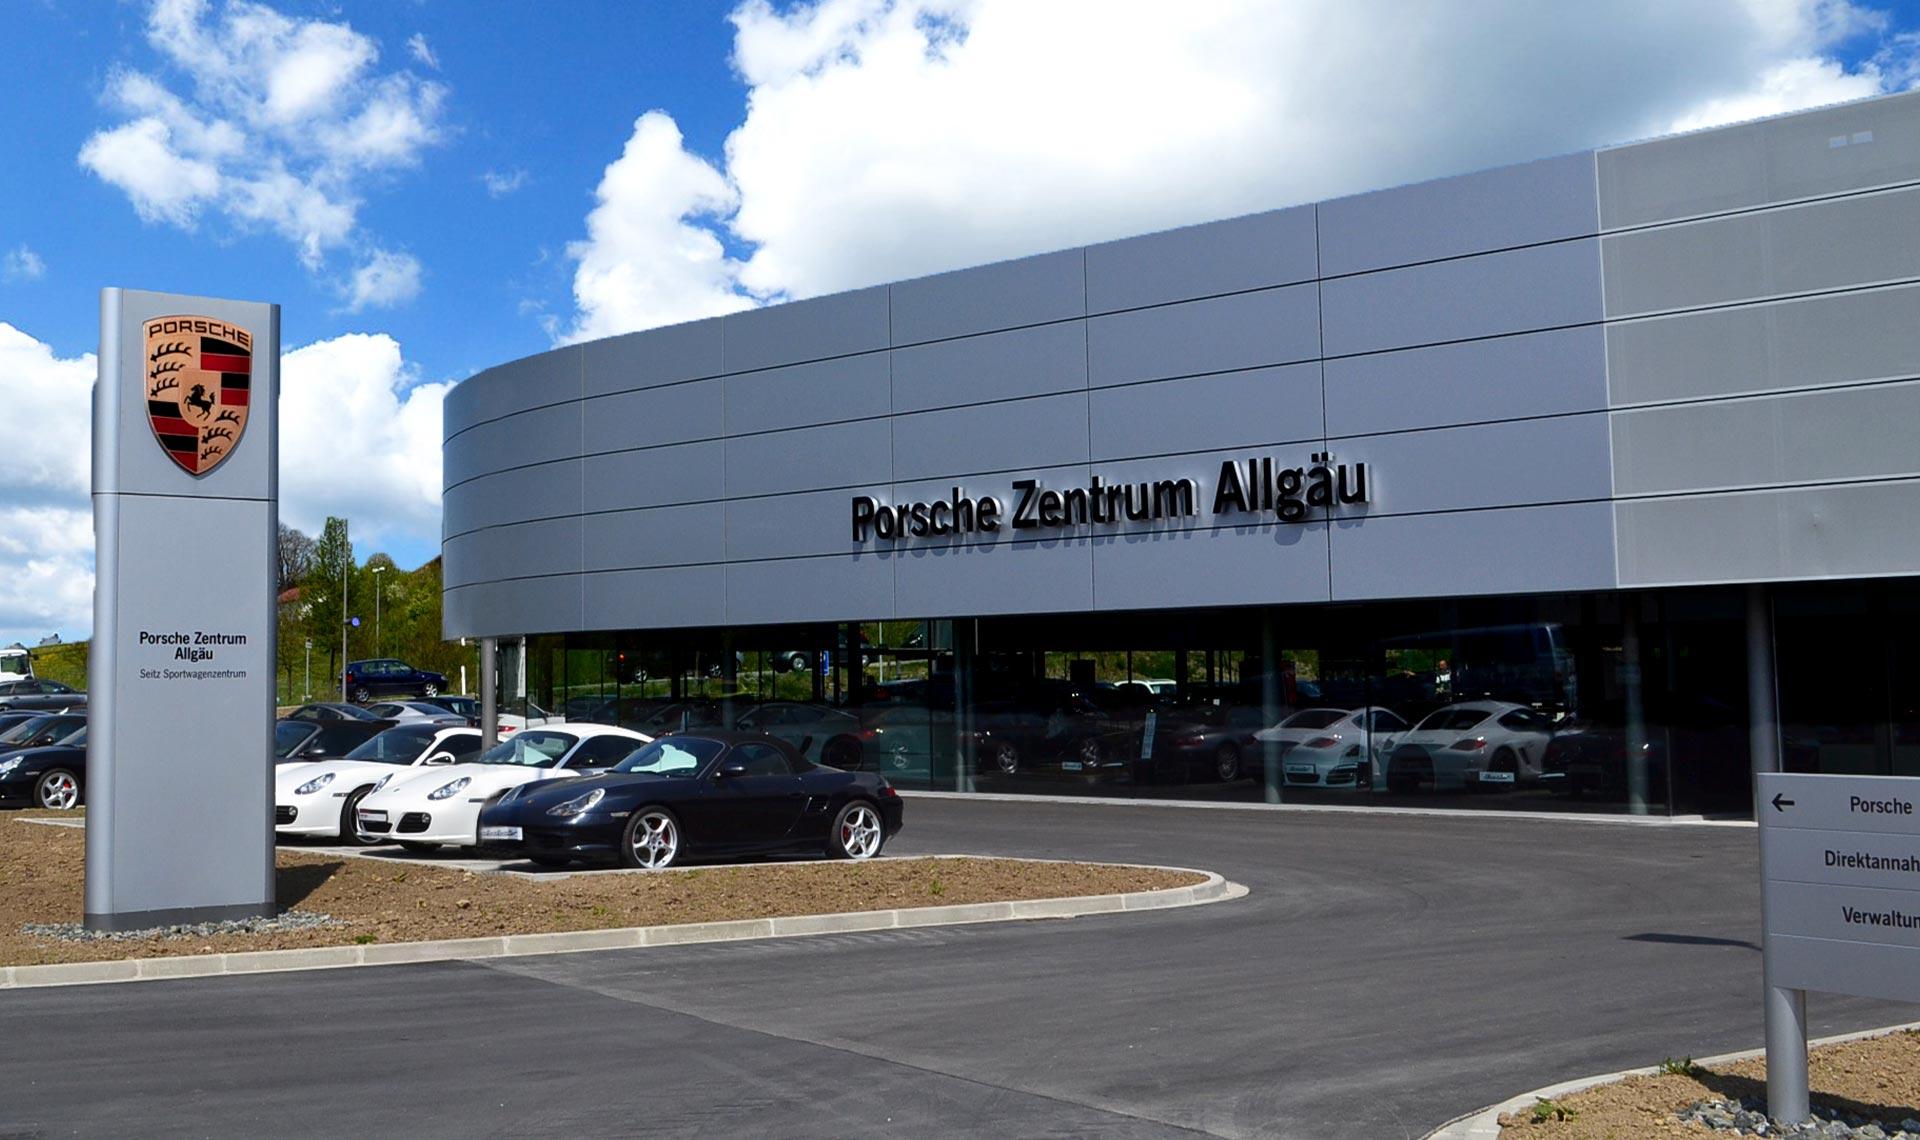 Porsche Zentrum Allgäu, Kempten (D)